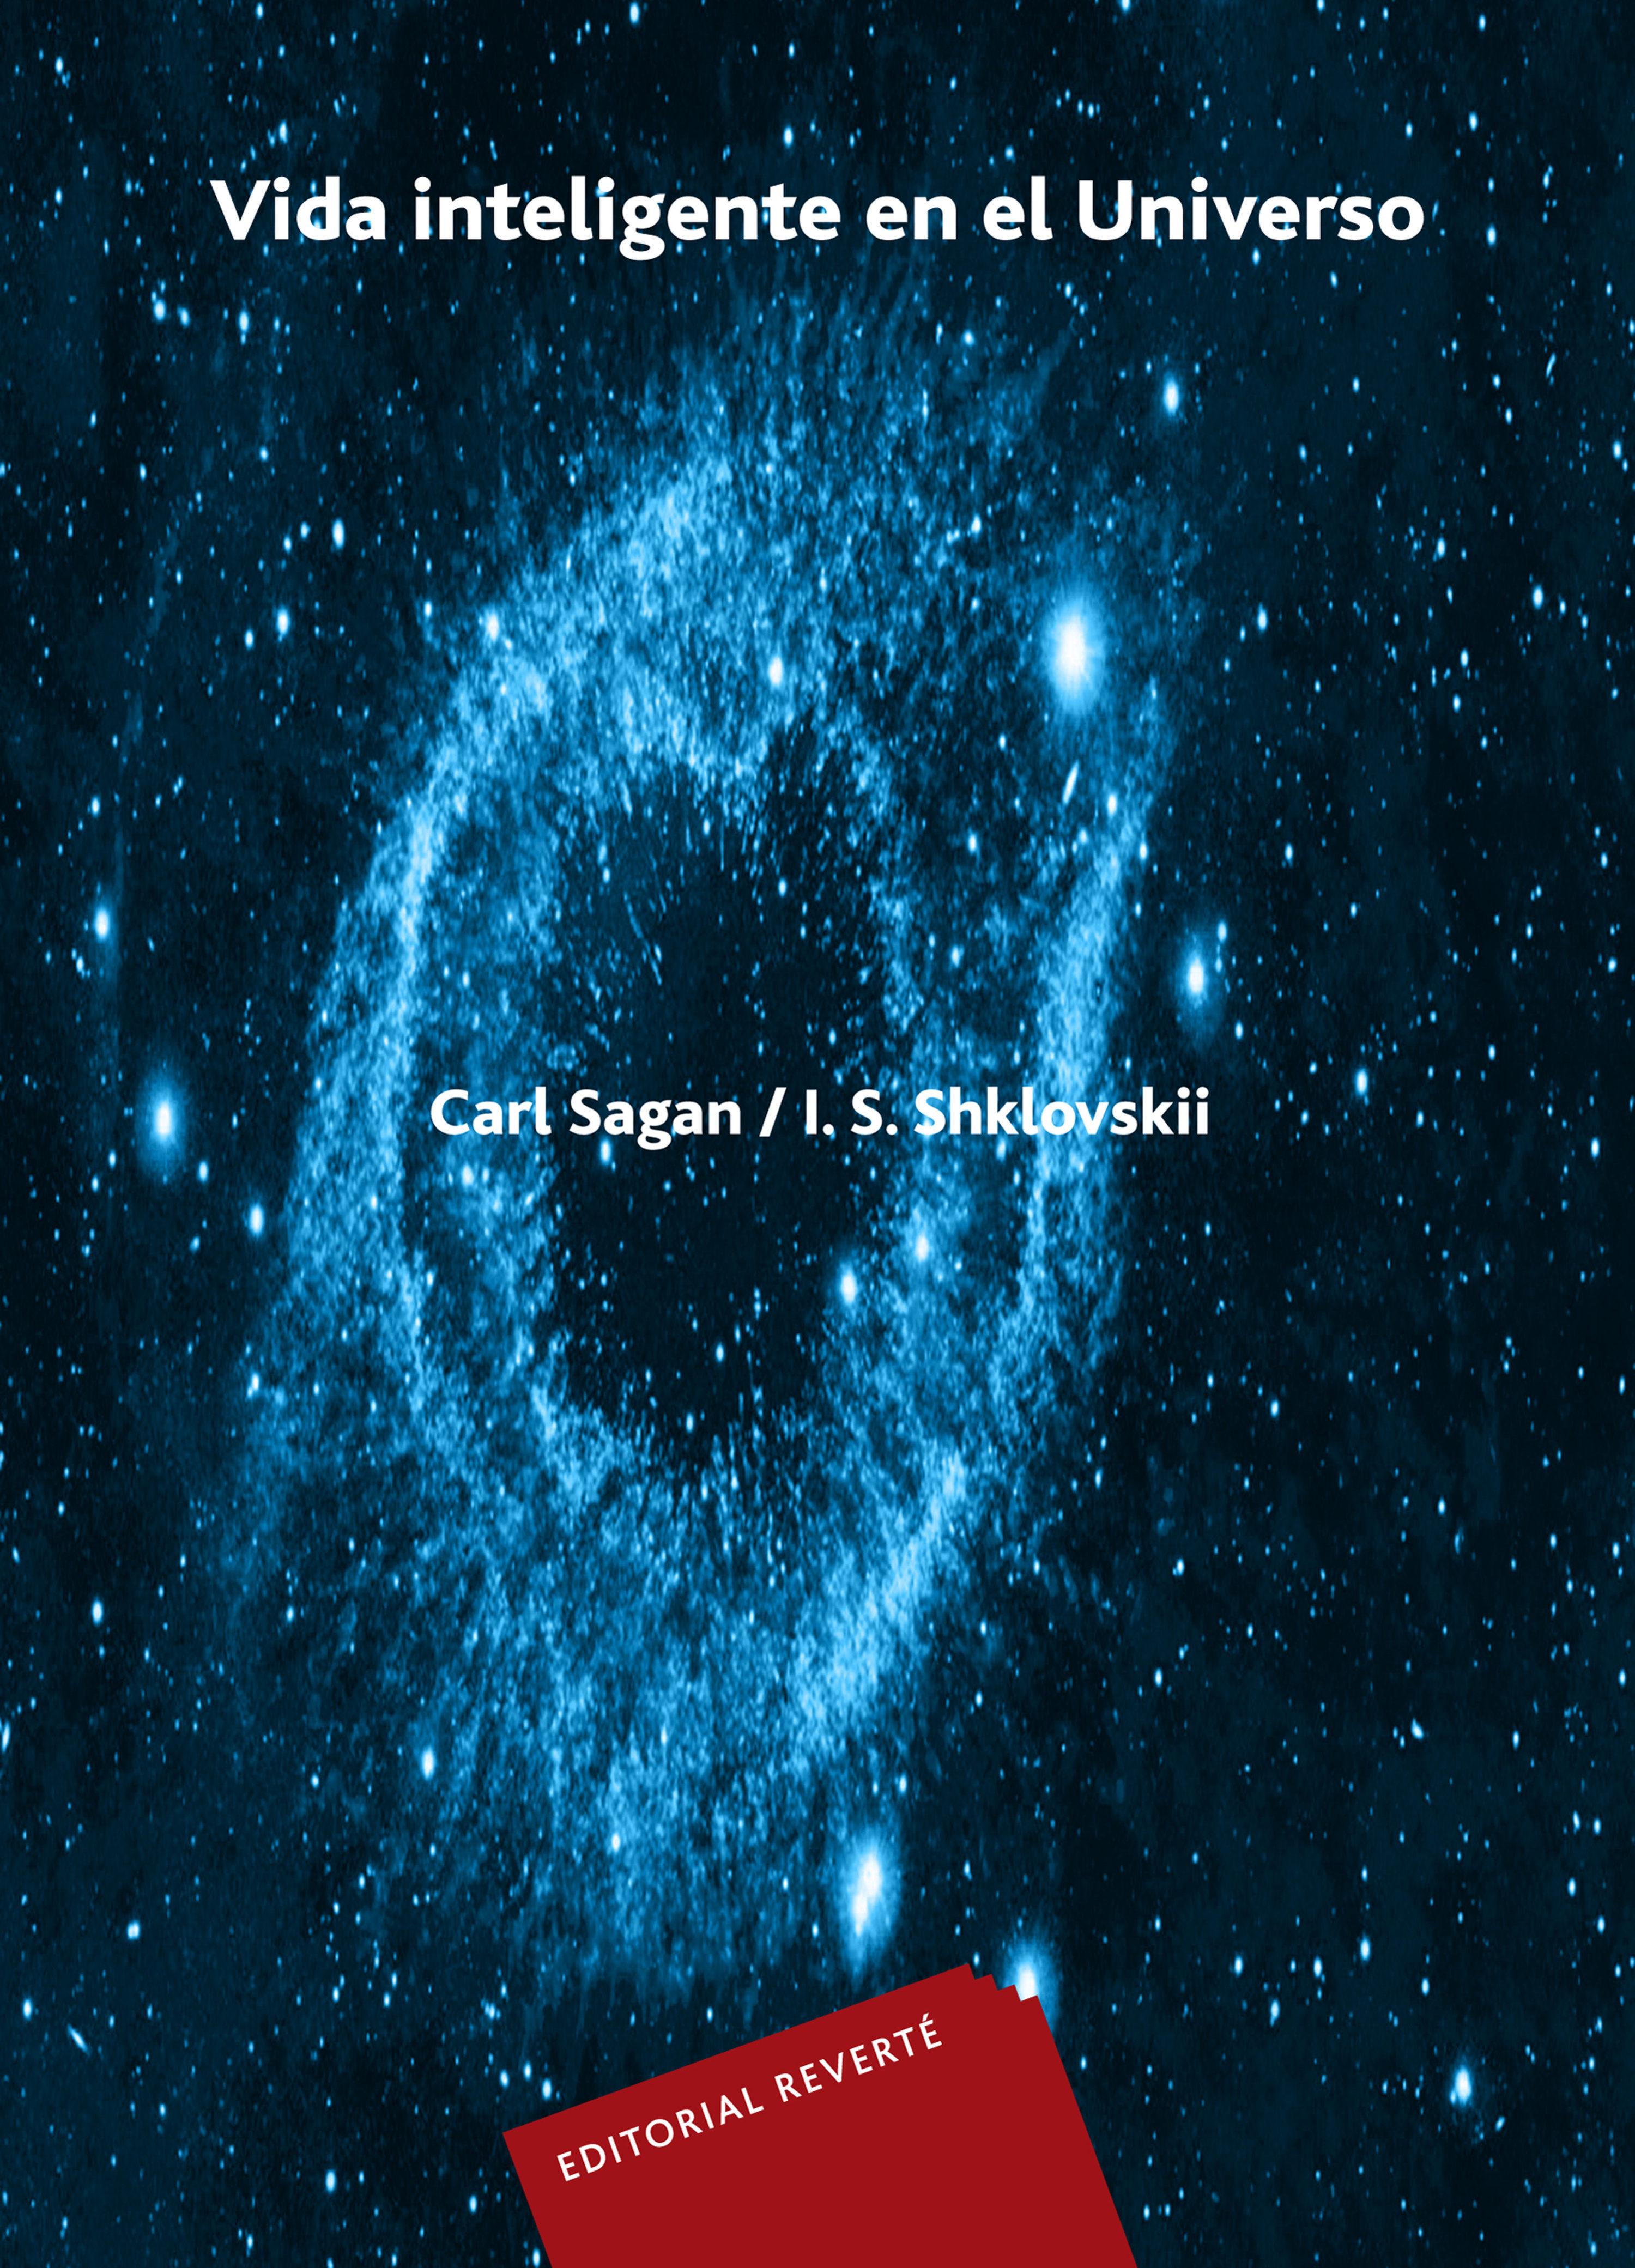 Resultado de imagen de Vida inteligente en el Cosmos de Carl Sagan y  I. S. Shklovskii